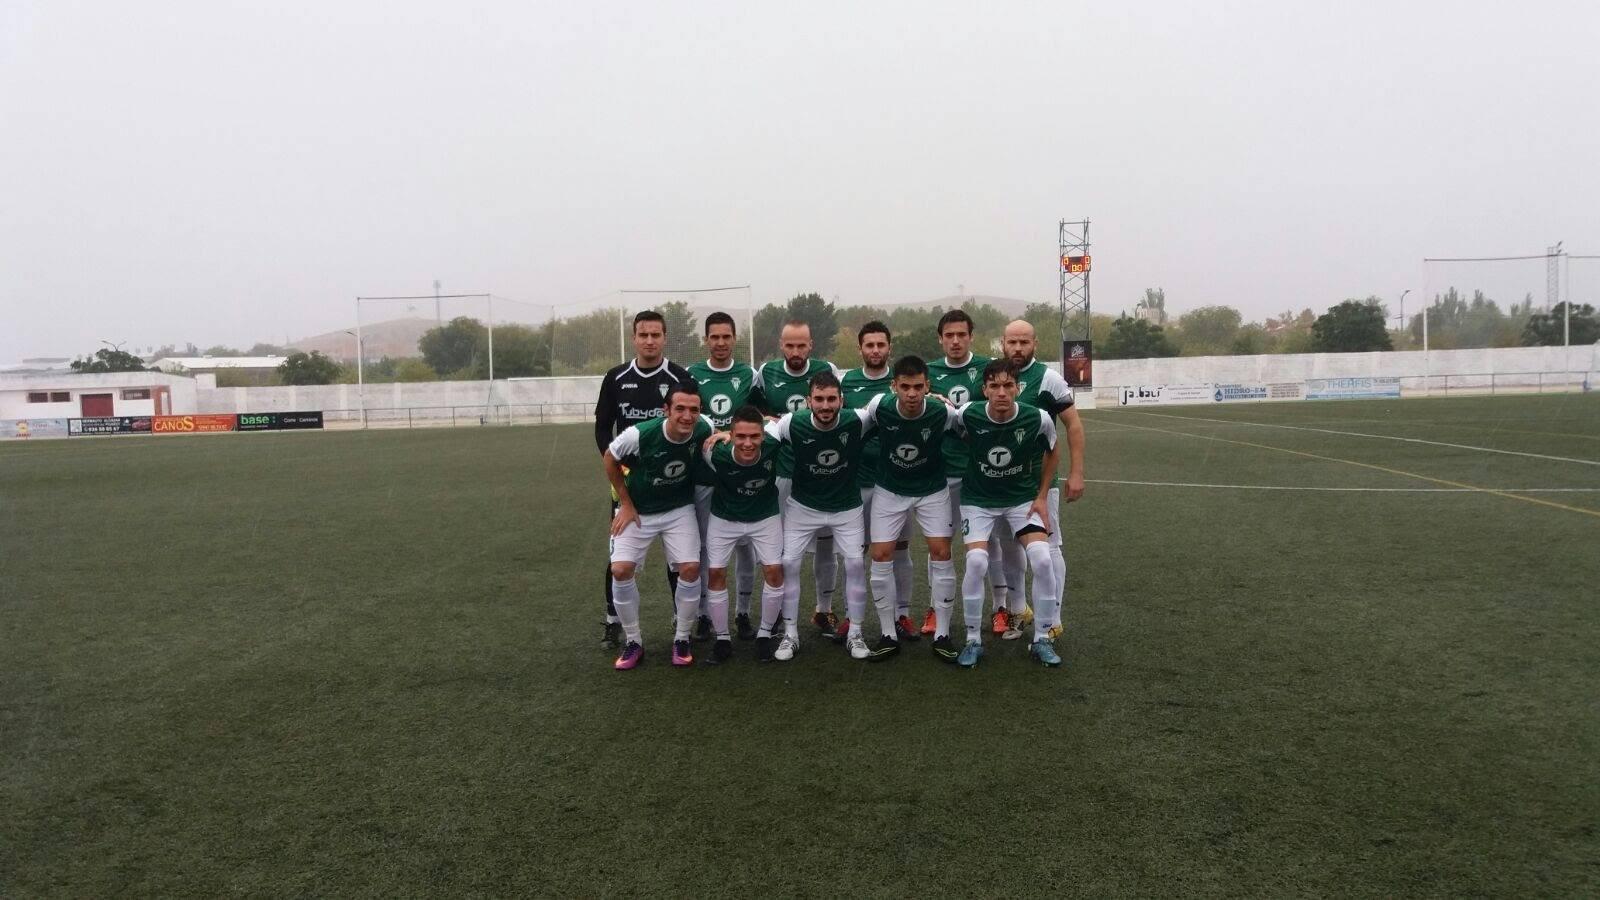 equipo herencia futbol despues partido - Primeros 3 puntos tras la victoria en casa ante CDB Calzada C.F.